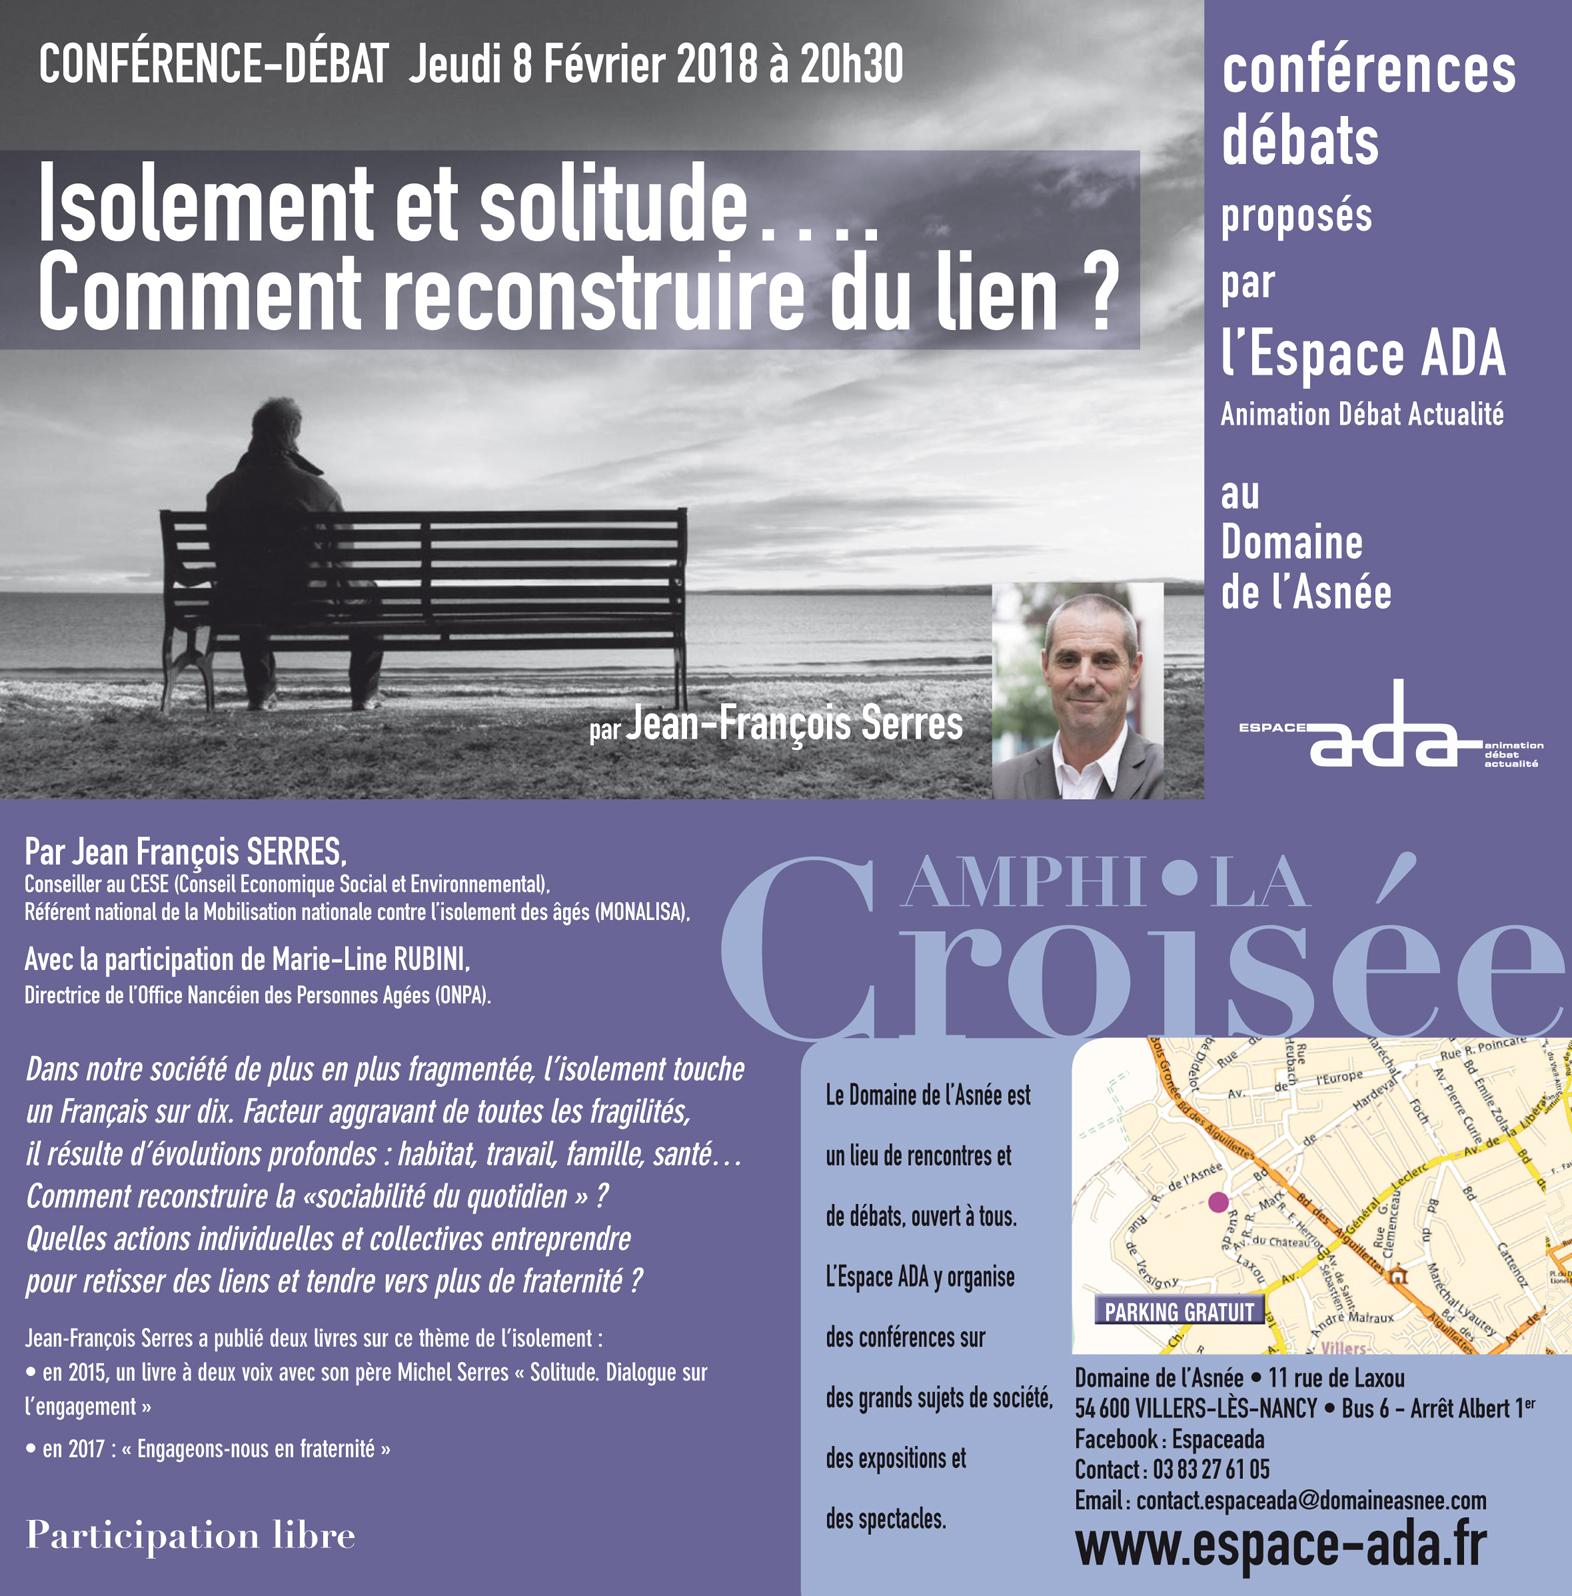 Comment reconstruire du lien?  Conférence-débat le 8 février 2018 à Villers-lès-Nancy (54)